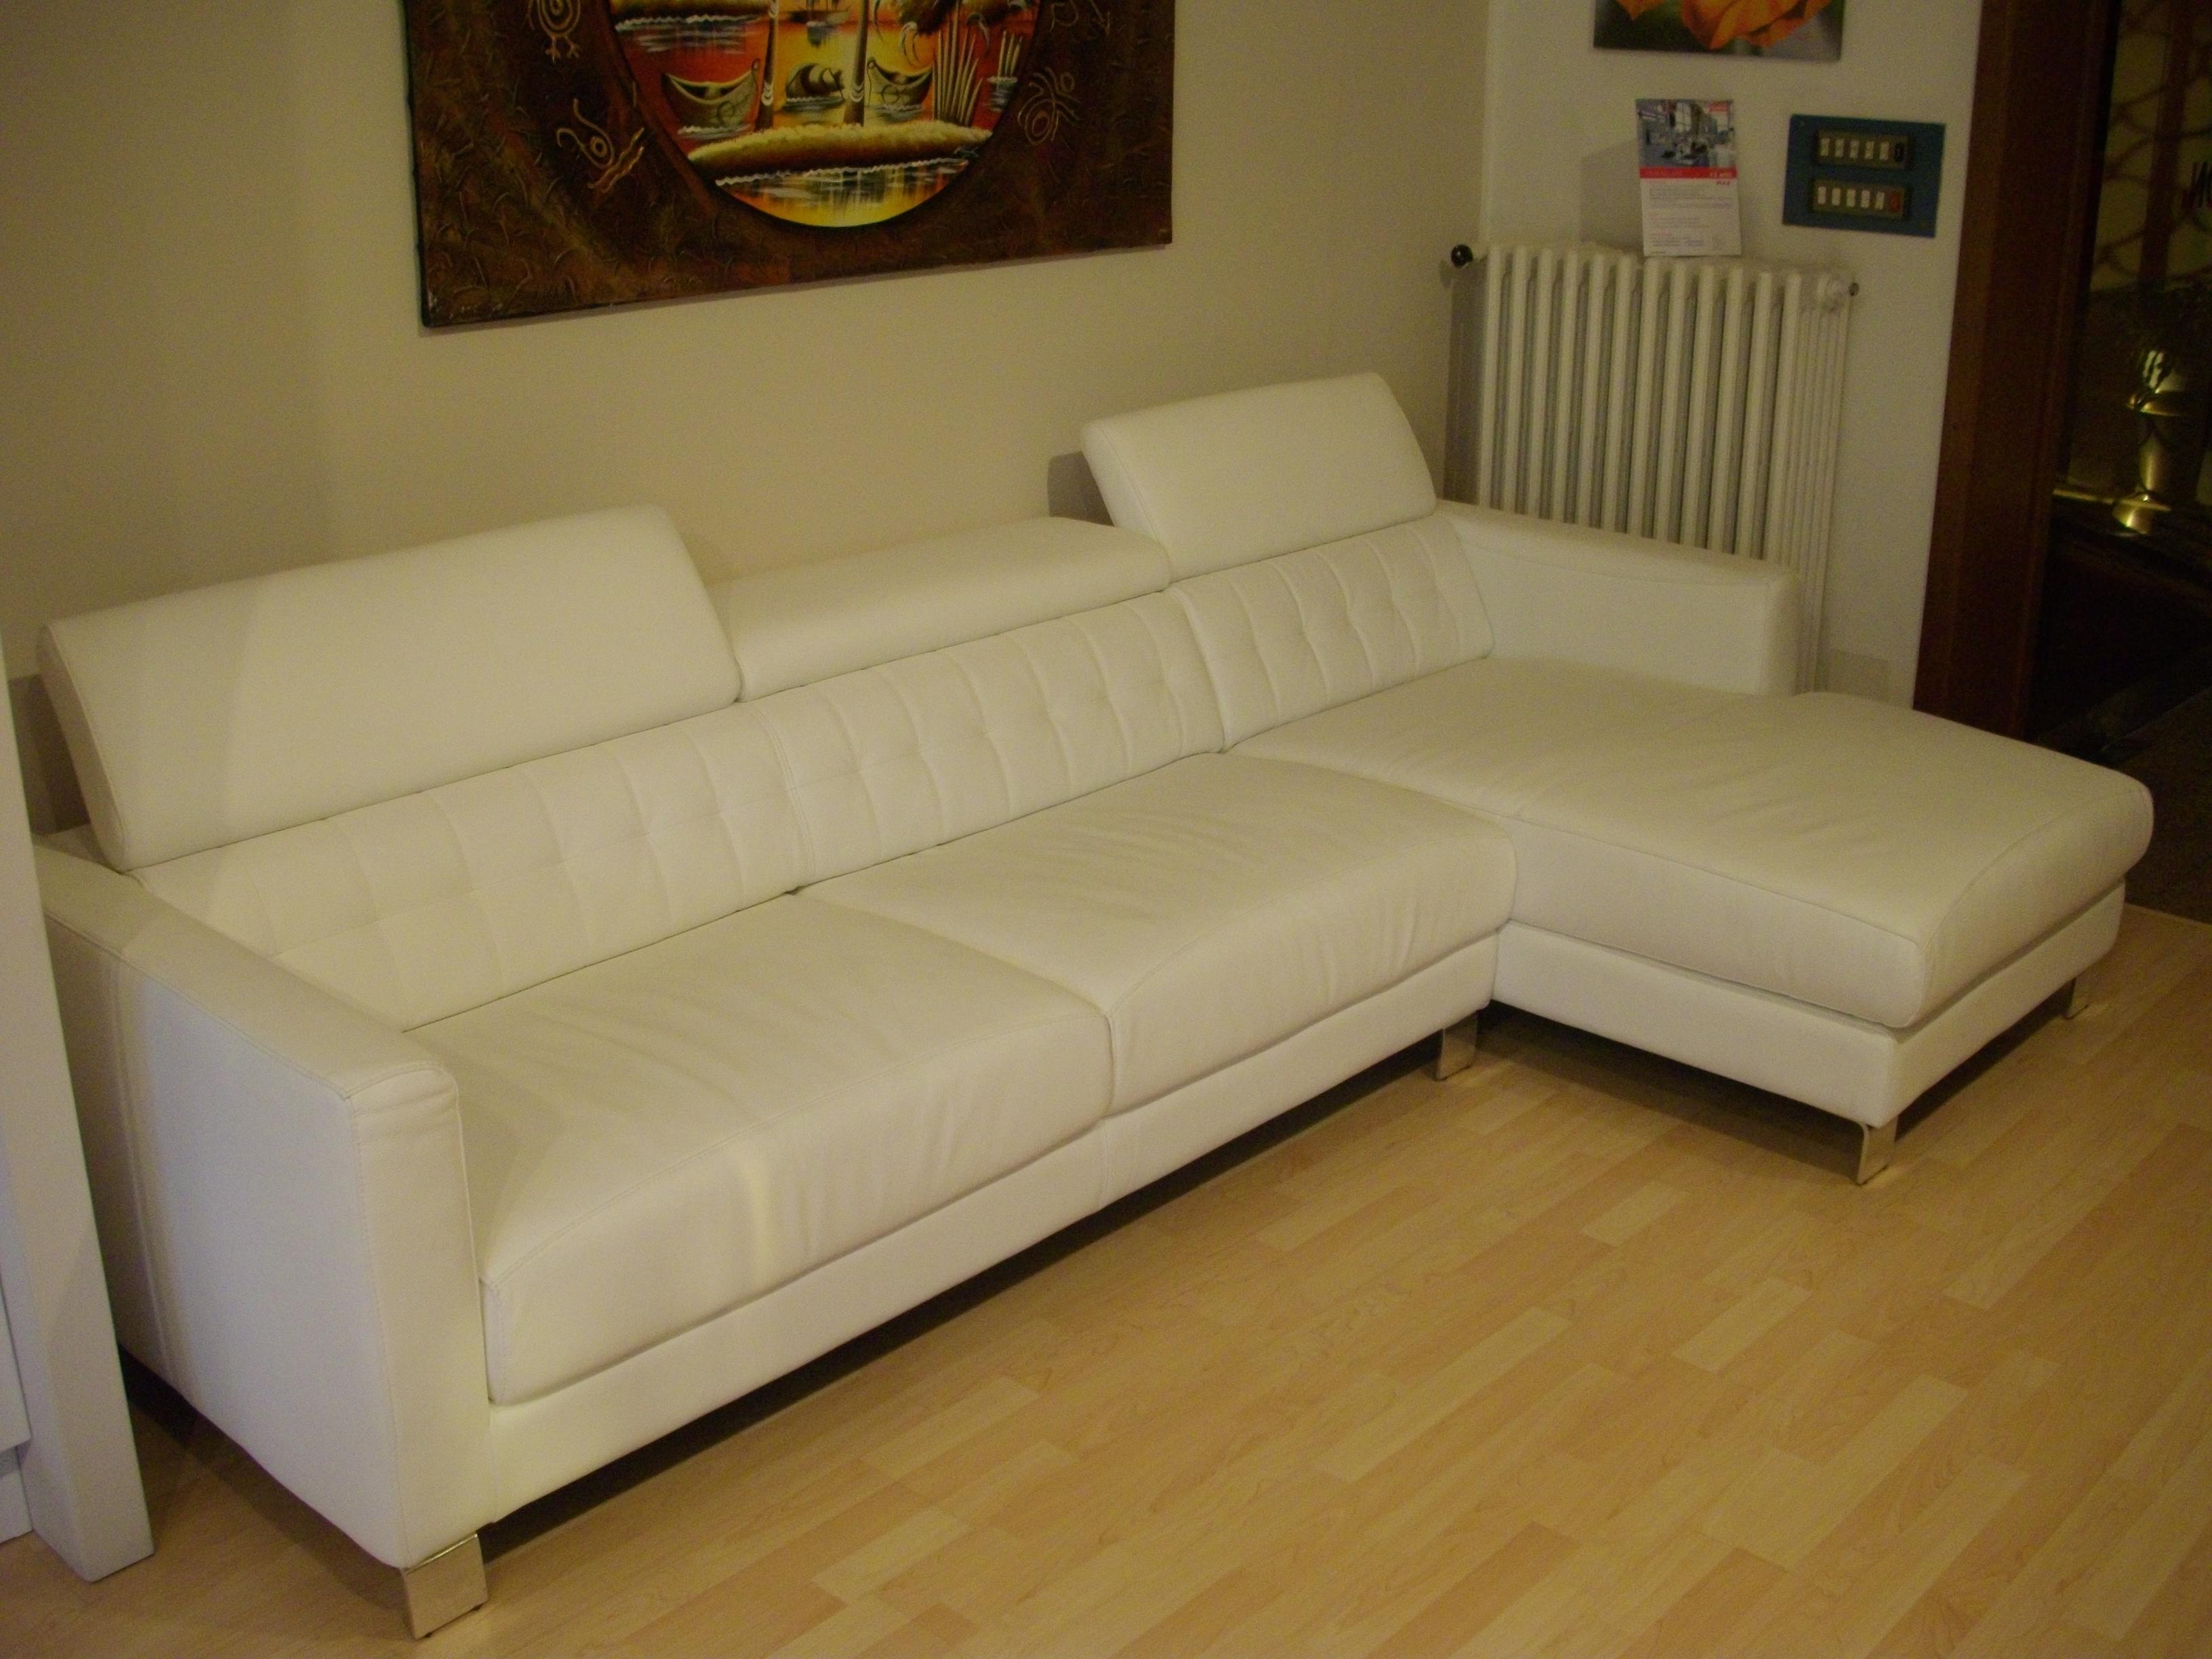 Divano in pelle bianca scontato divani a prezzi scontati for Divani e divani in pelle prezzi